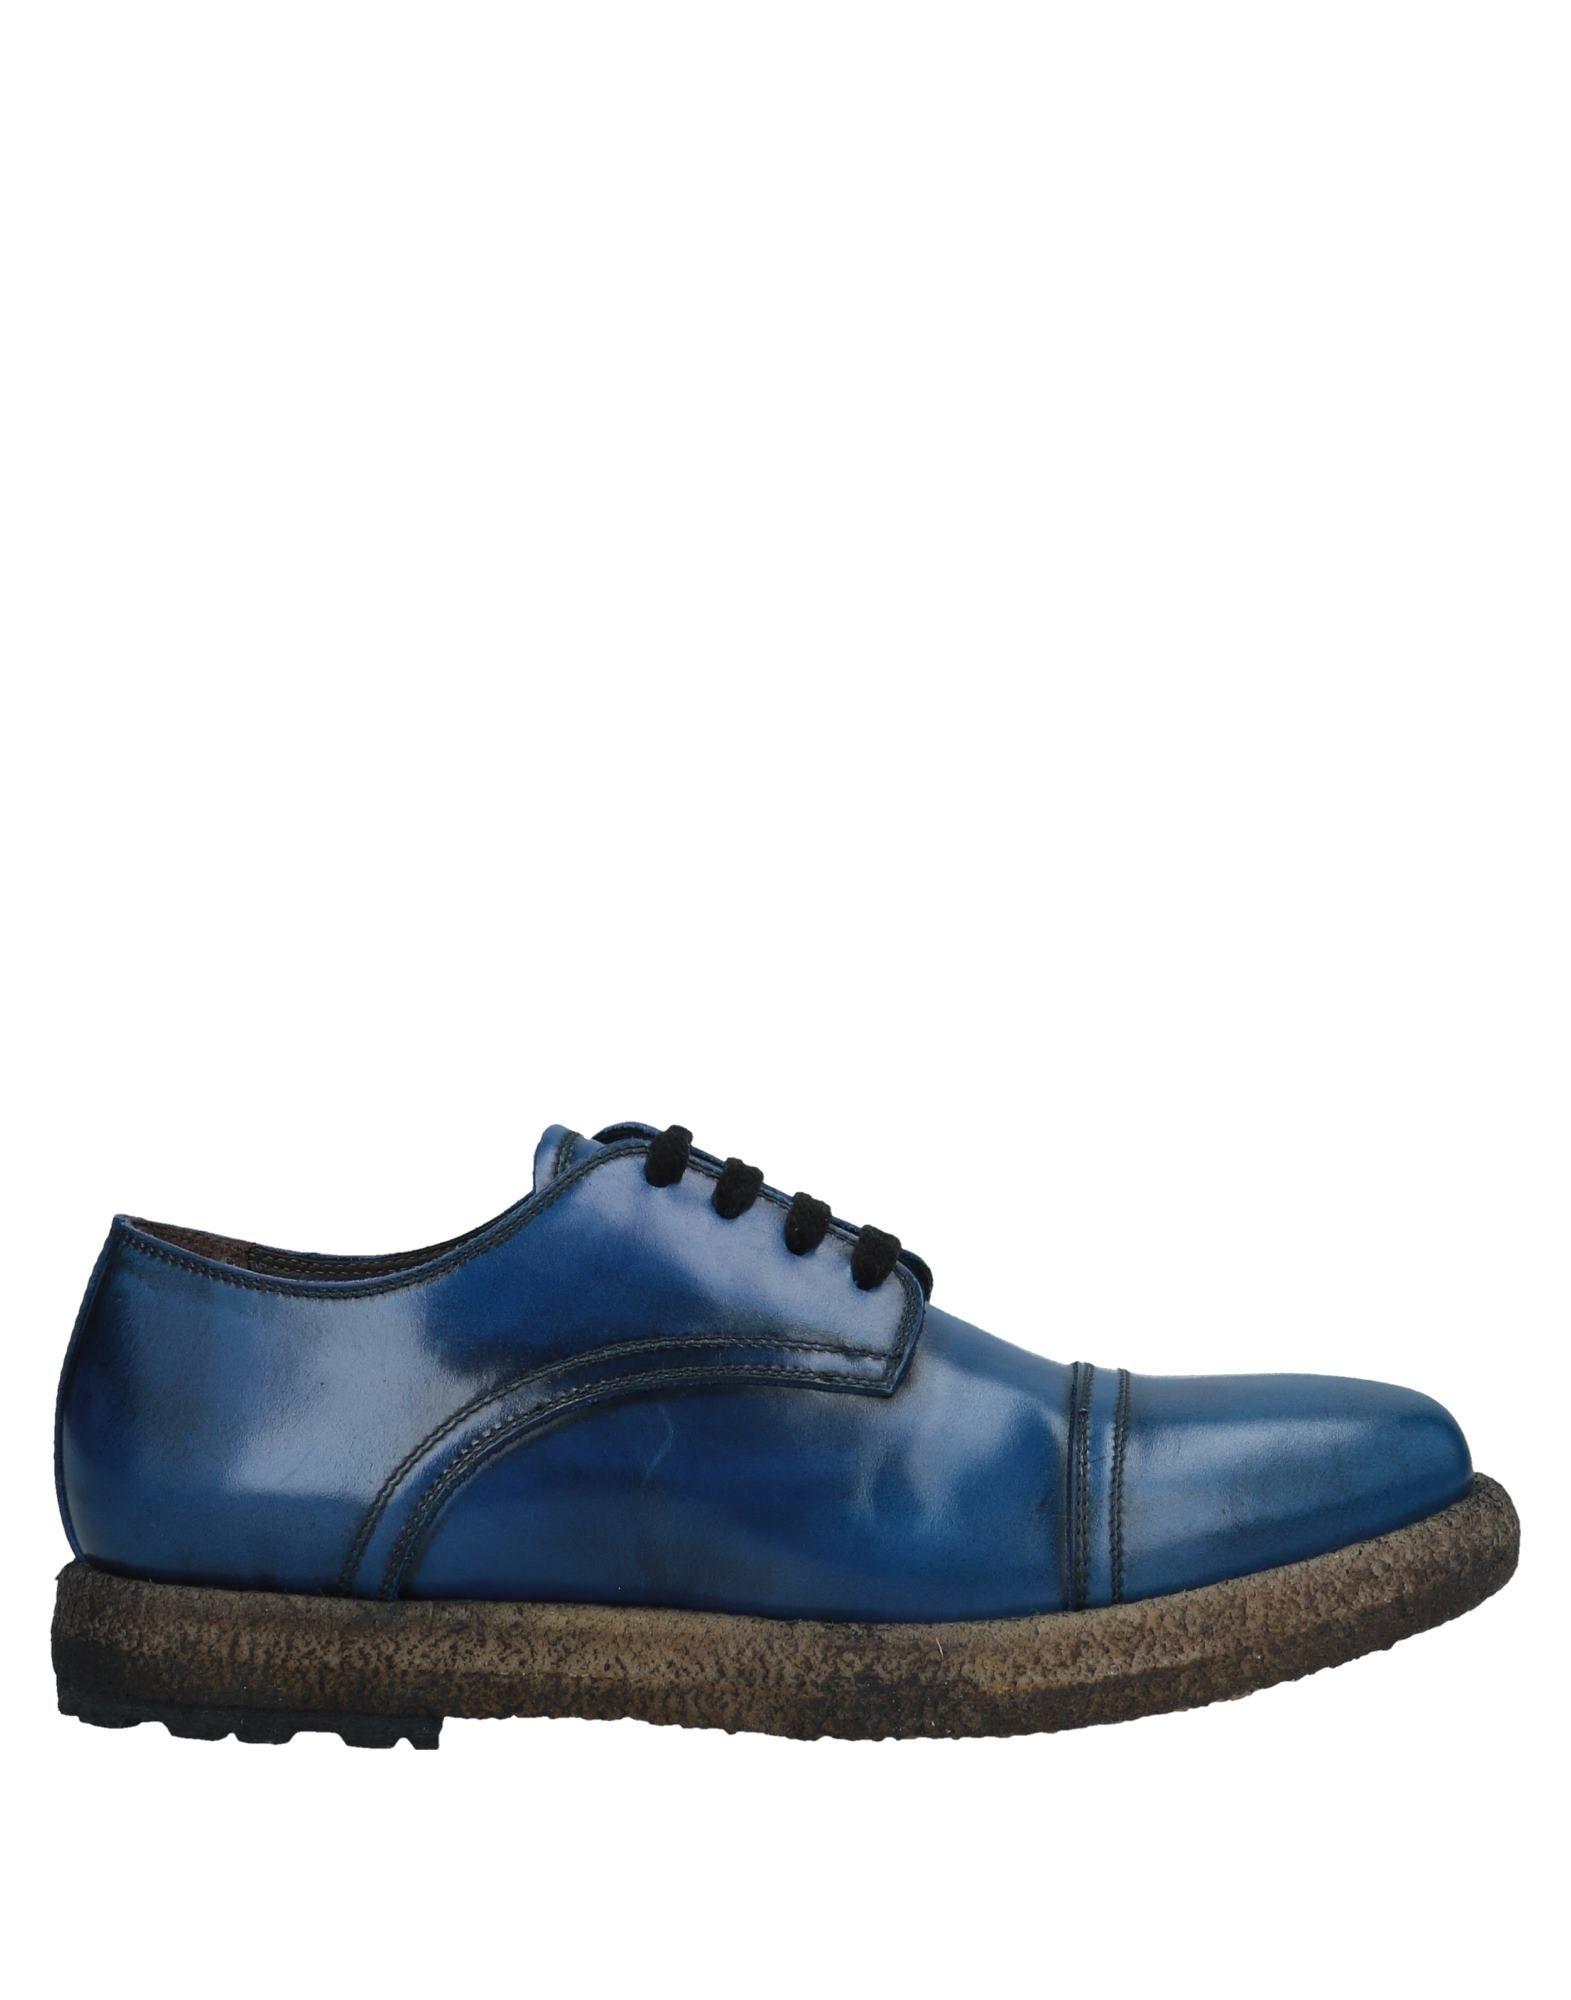 Sneakers Bikkembergs Uomo - 11451023RW Scarpe economiche e buone